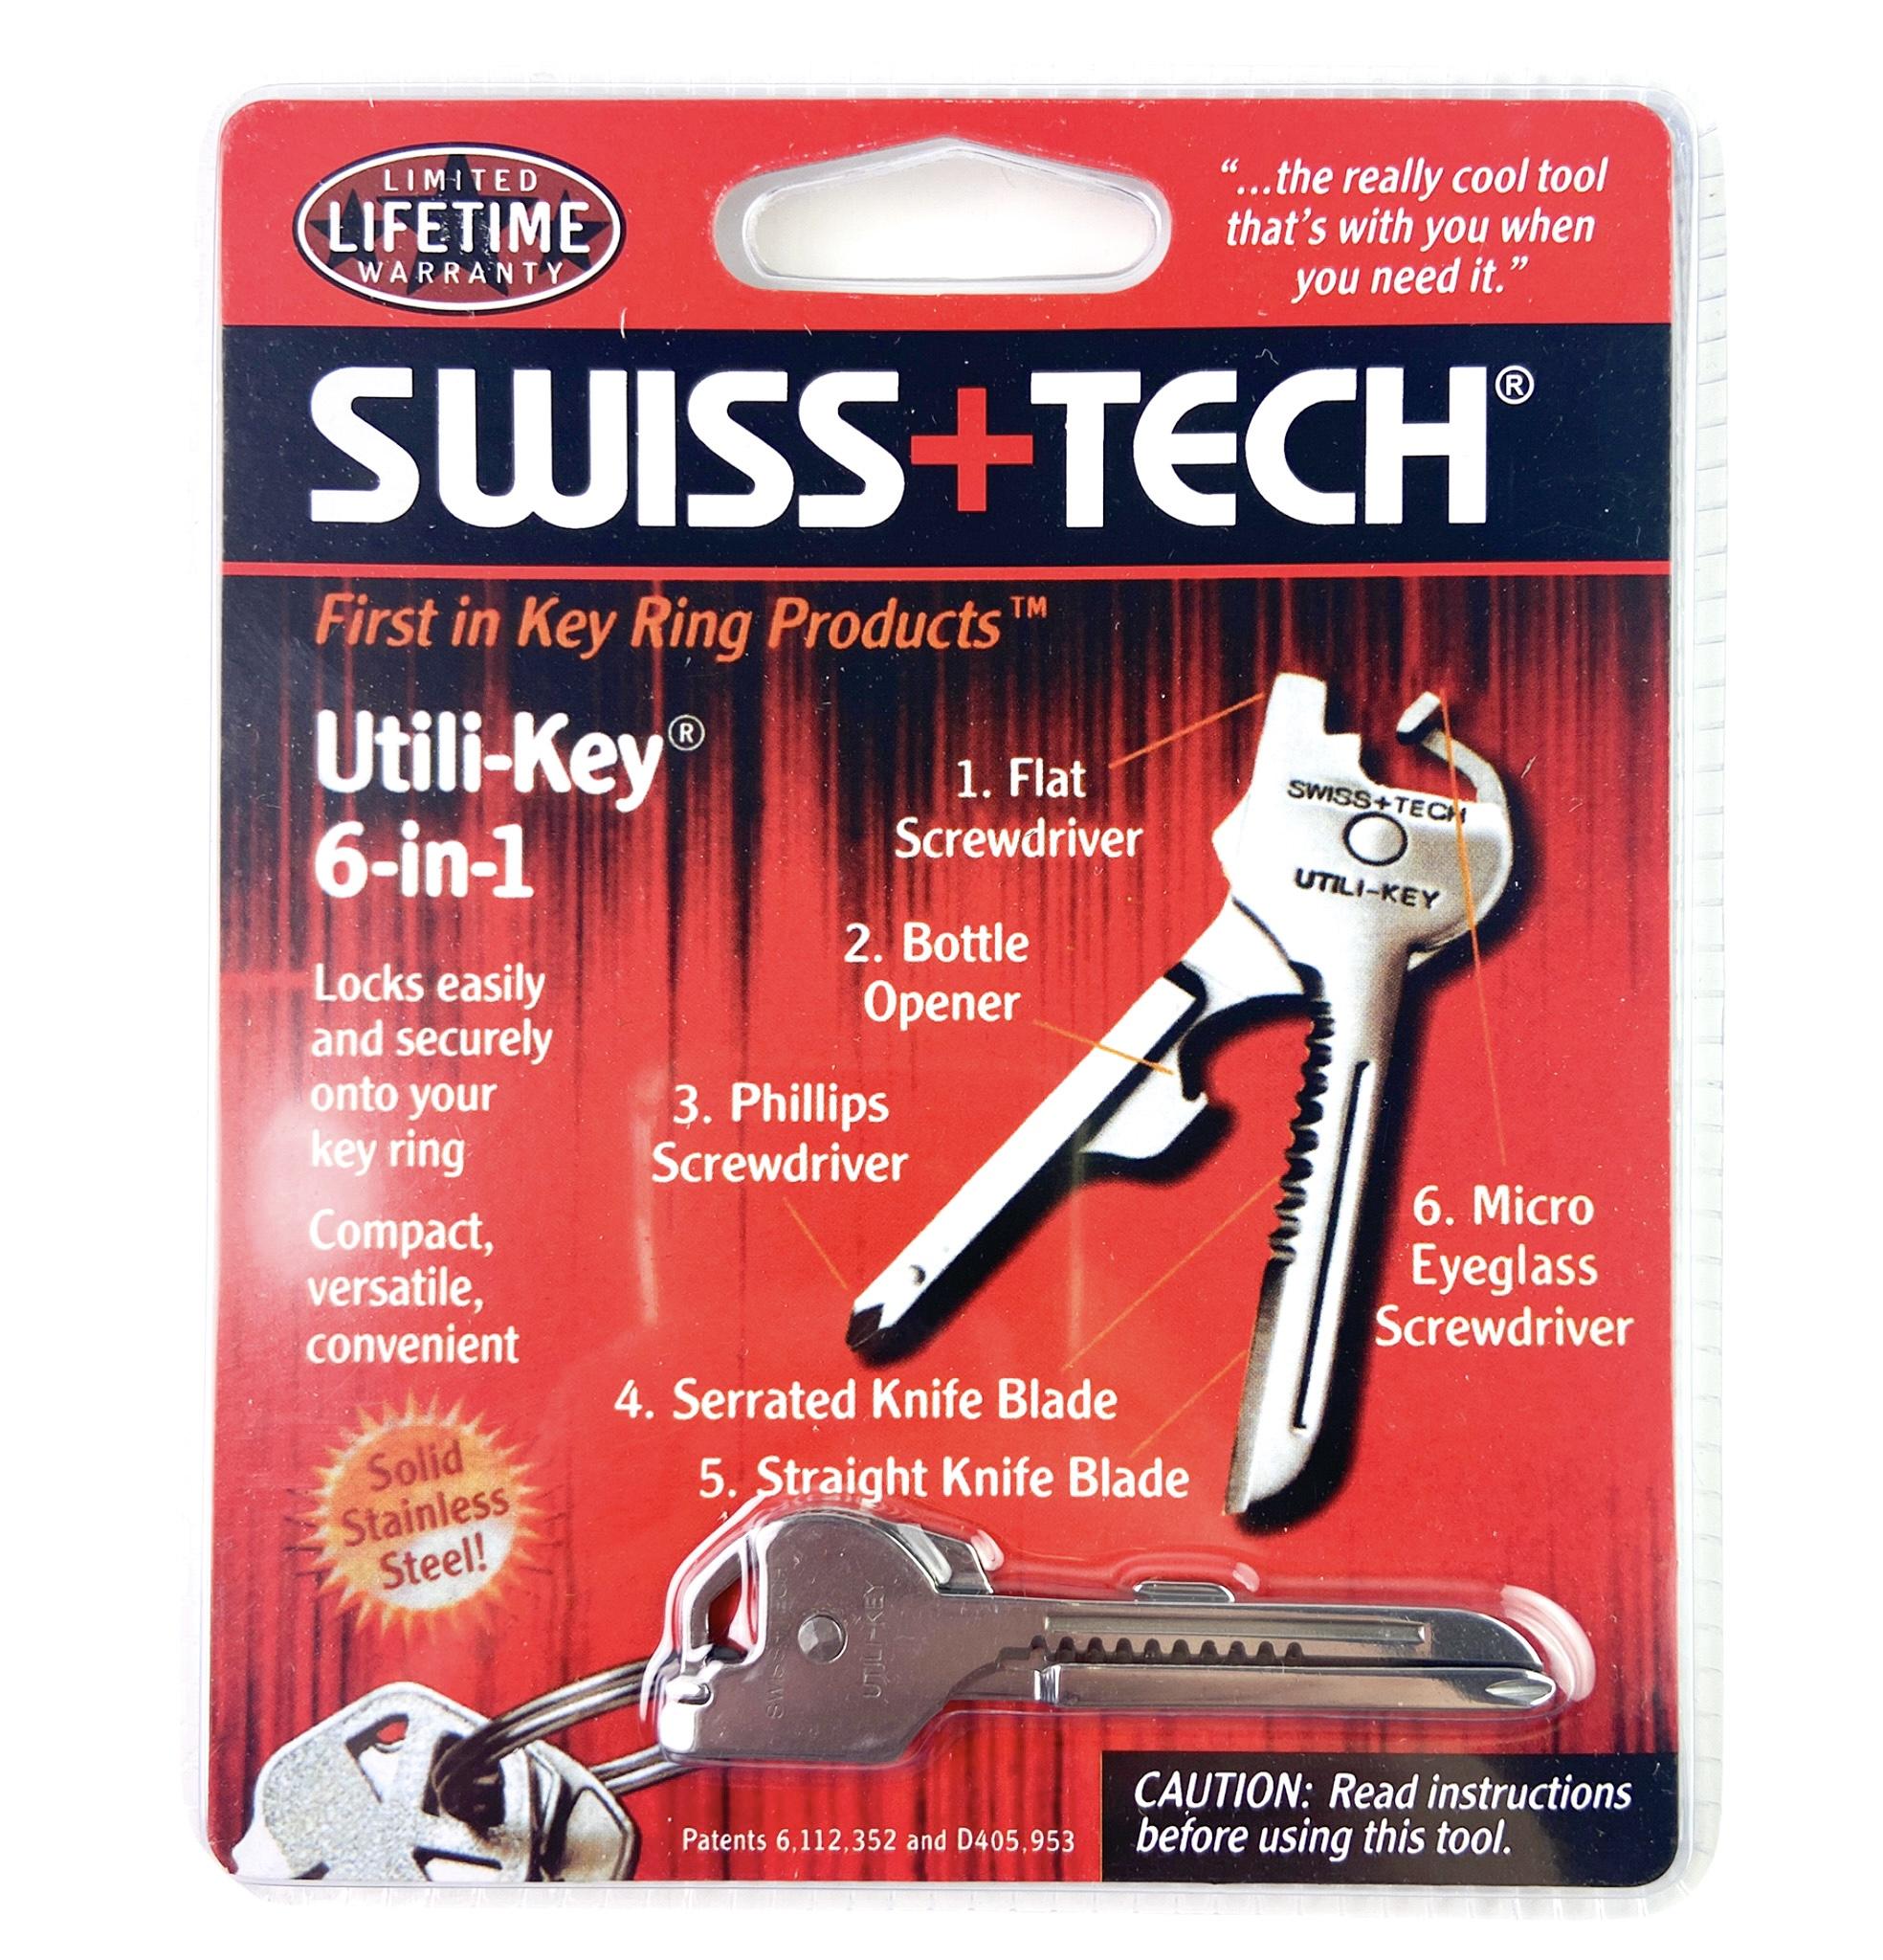 Swiss+Tech 6-In-1 Utili-Key Tools